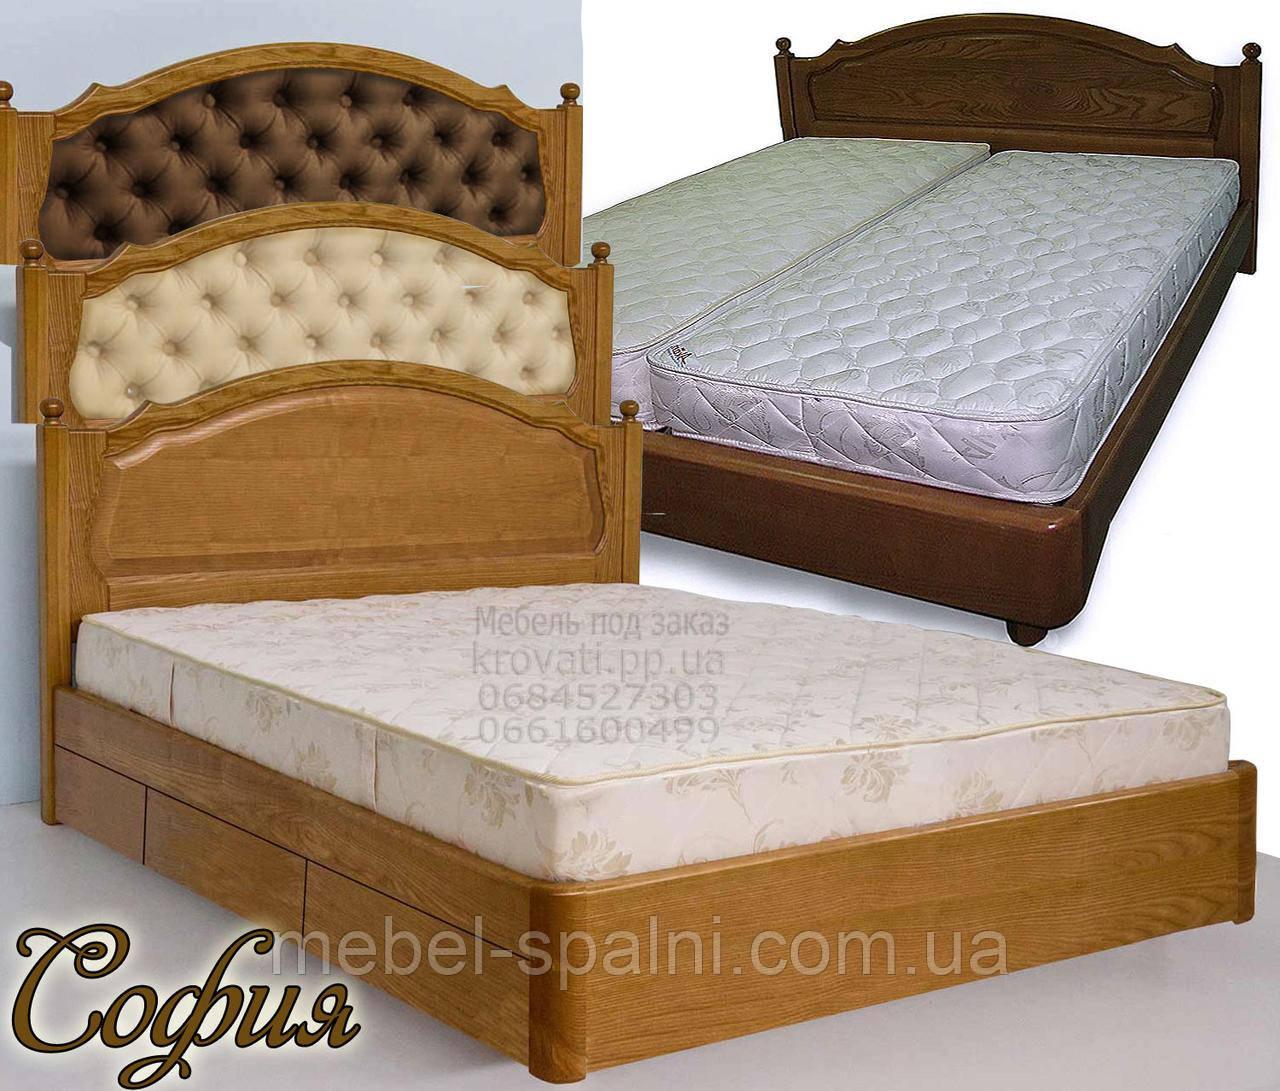 Ліжко дерев'яне «Софія»